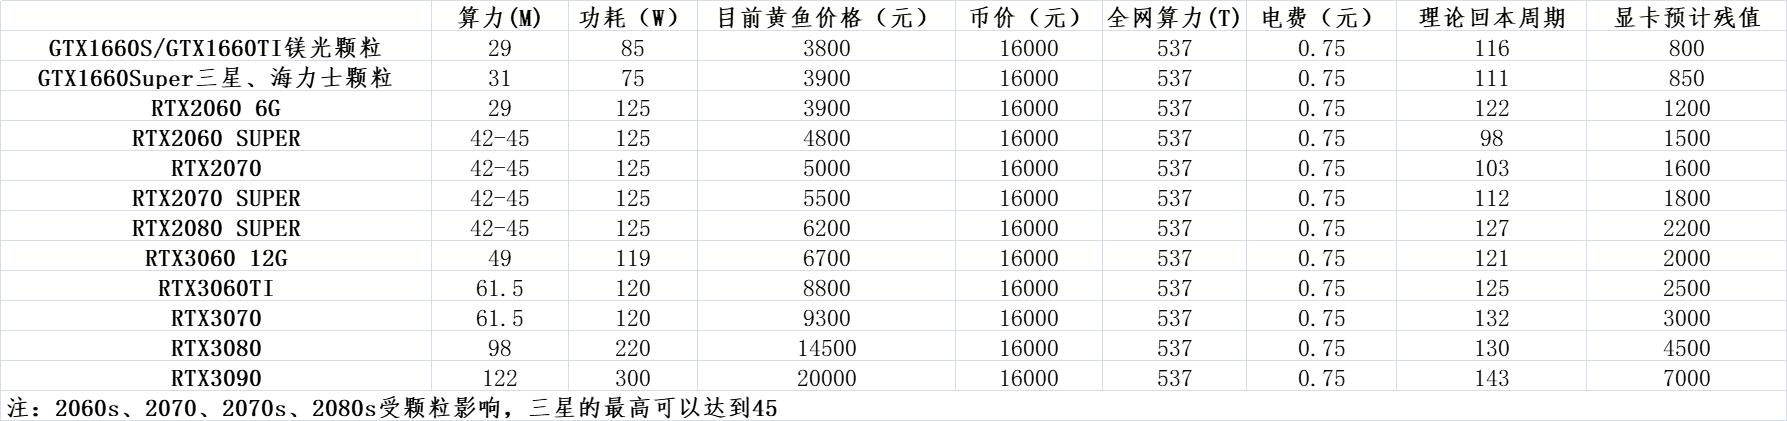 日进斗金,常见的显卡挖矿收益统计分析,收益最高的到底是谁